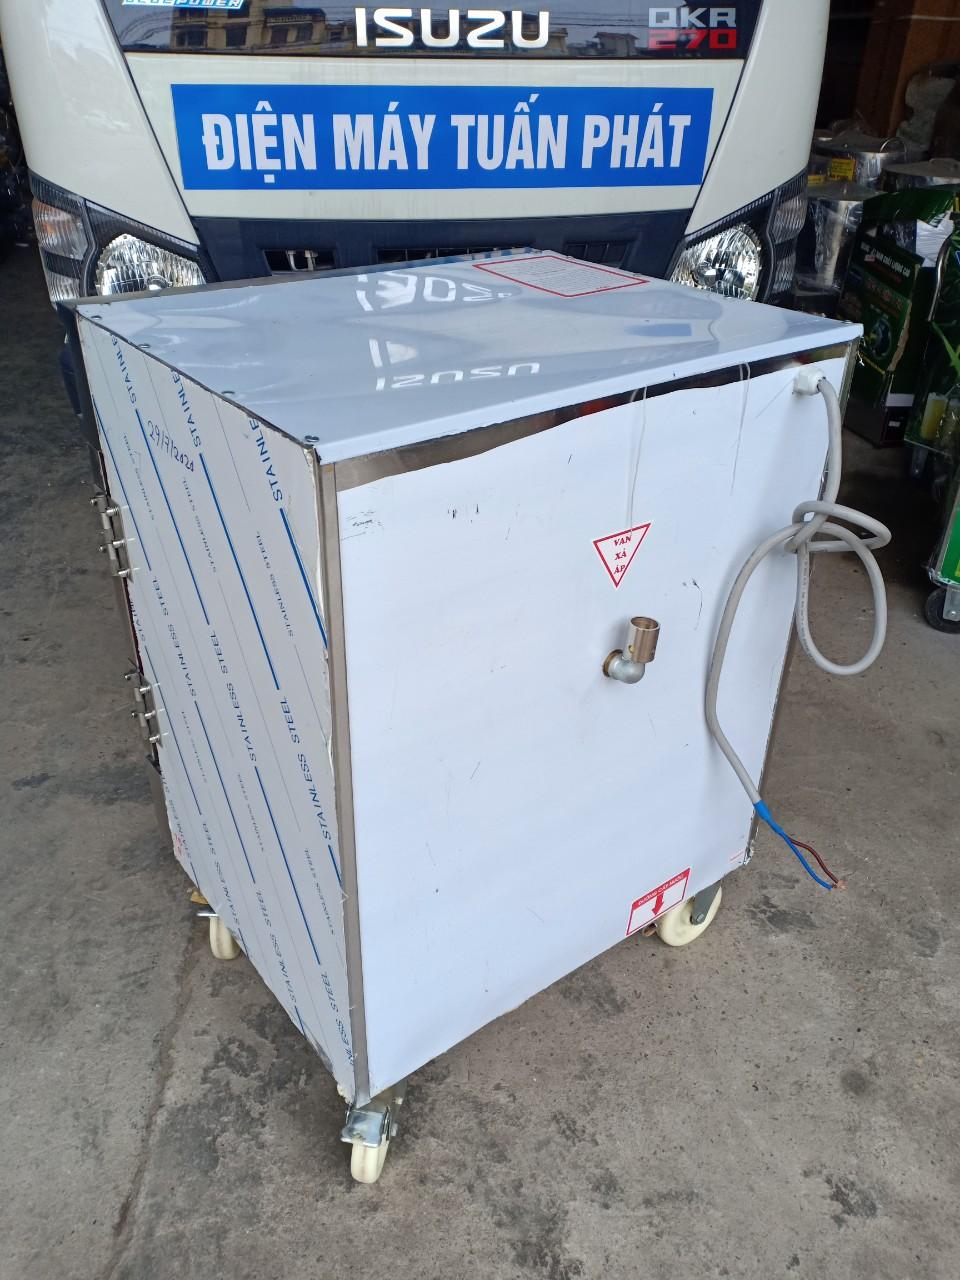 Tủ Nấu Cơm 6 Khay Kết Hợp Ga - Điện Hẹn Giờ Bằng Cơ Và Aptomat